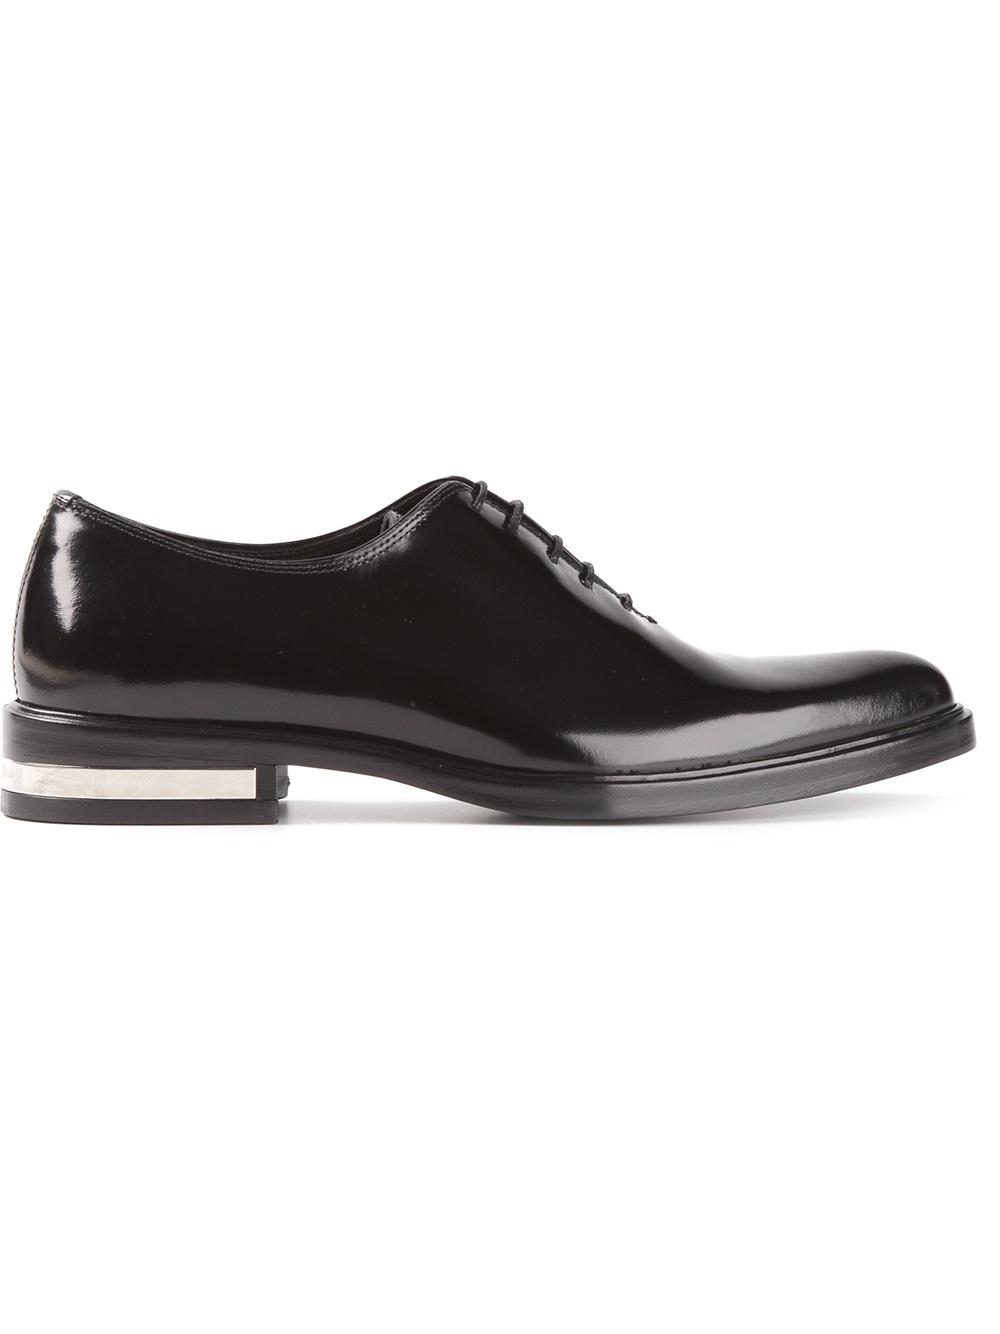 Men Richelieu Shoes White Sole